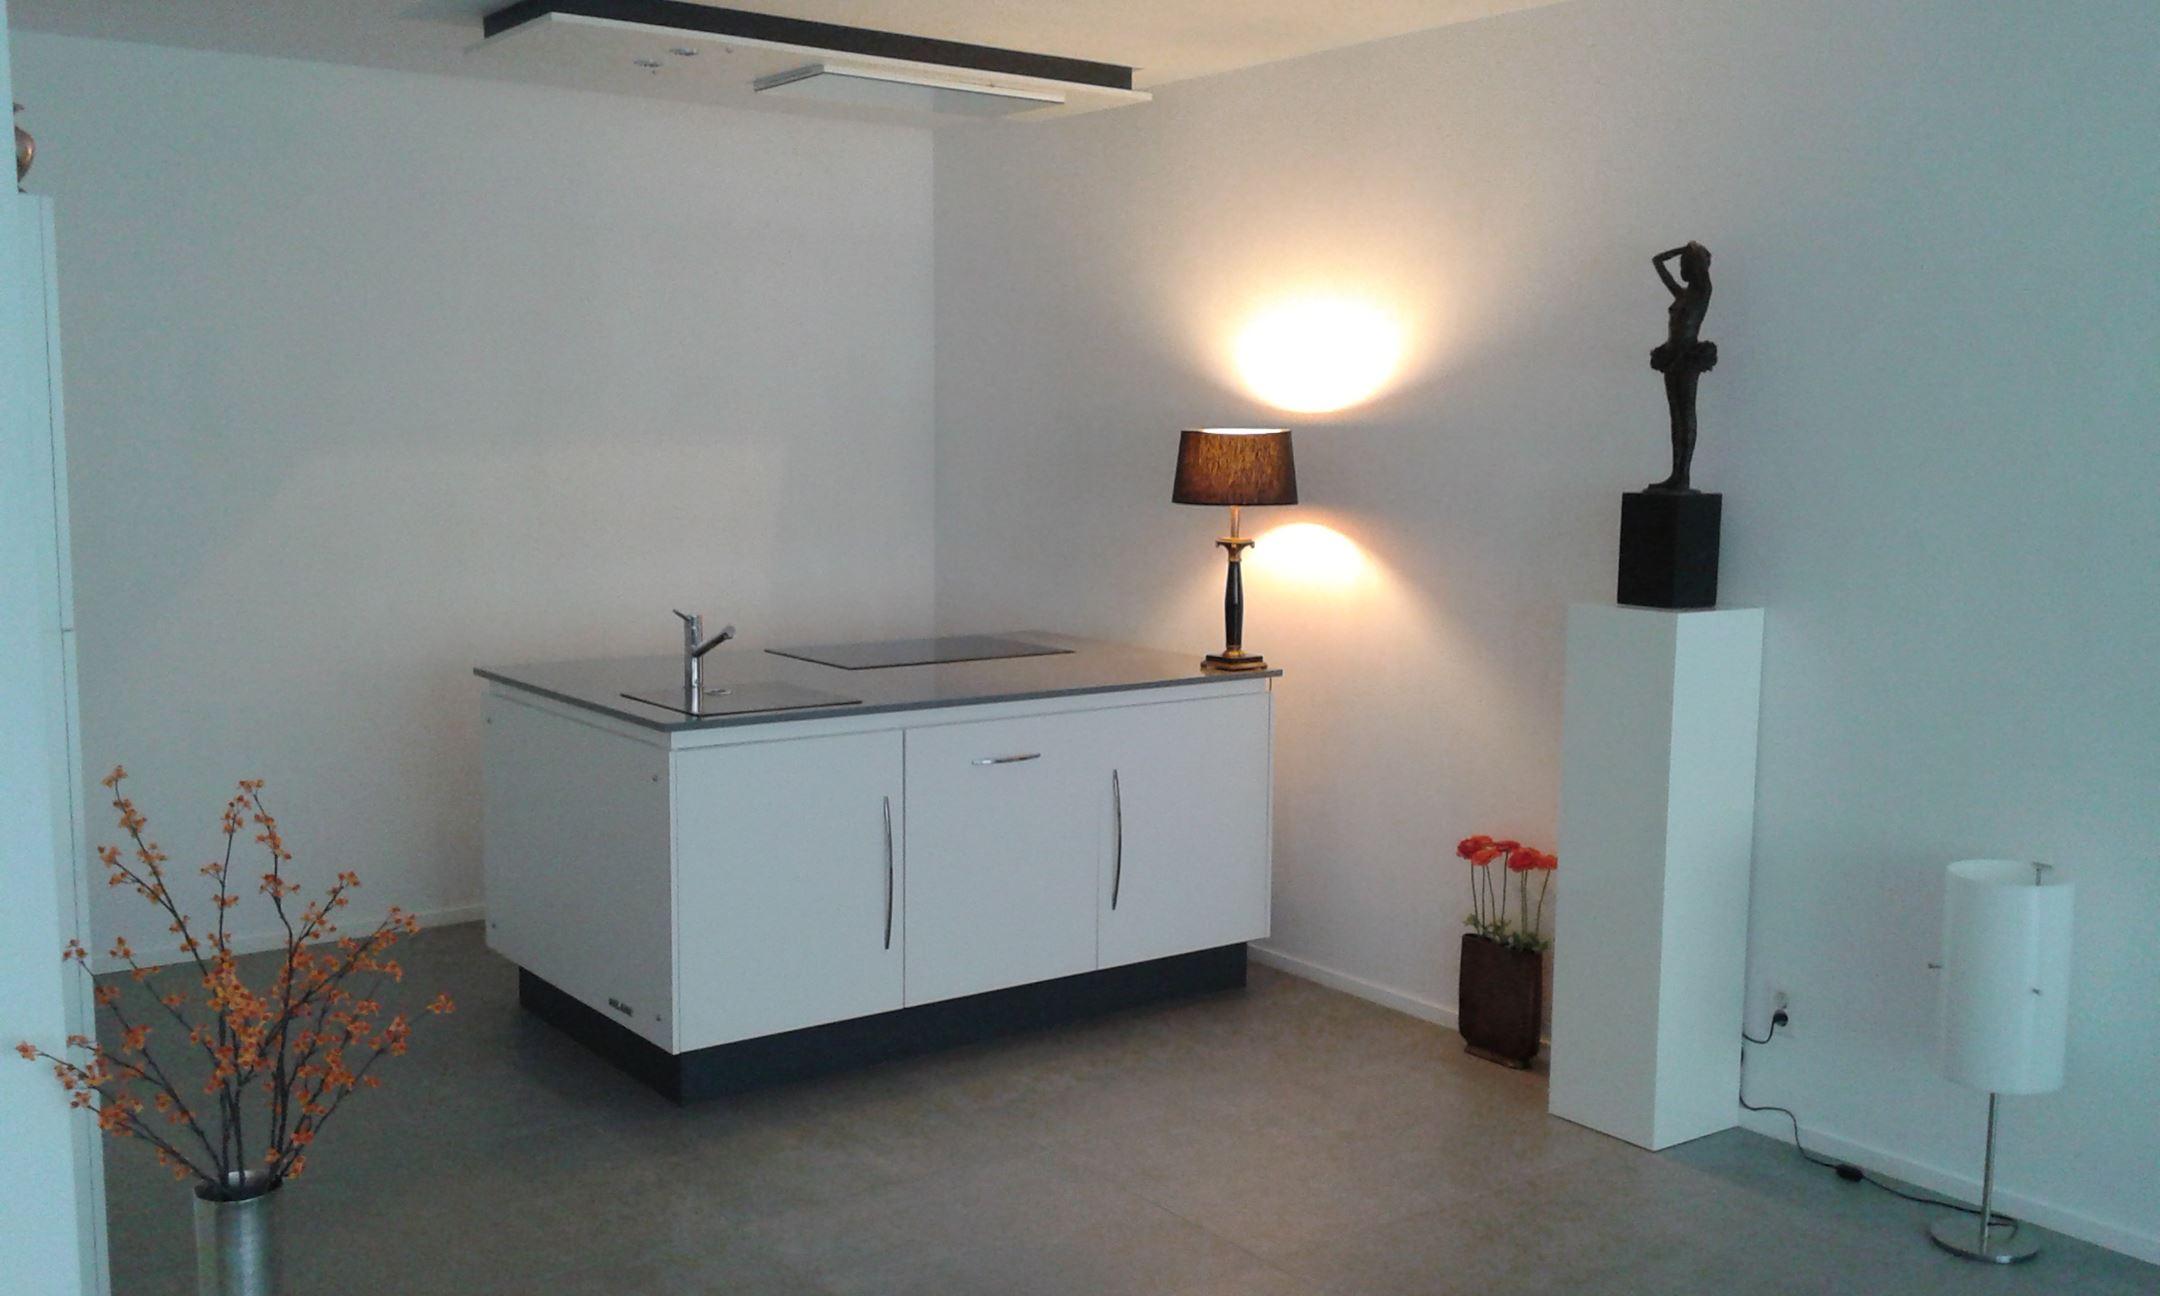 Appartement te koop: juliana van stolbergstraat 103 2404 cz alphen ...